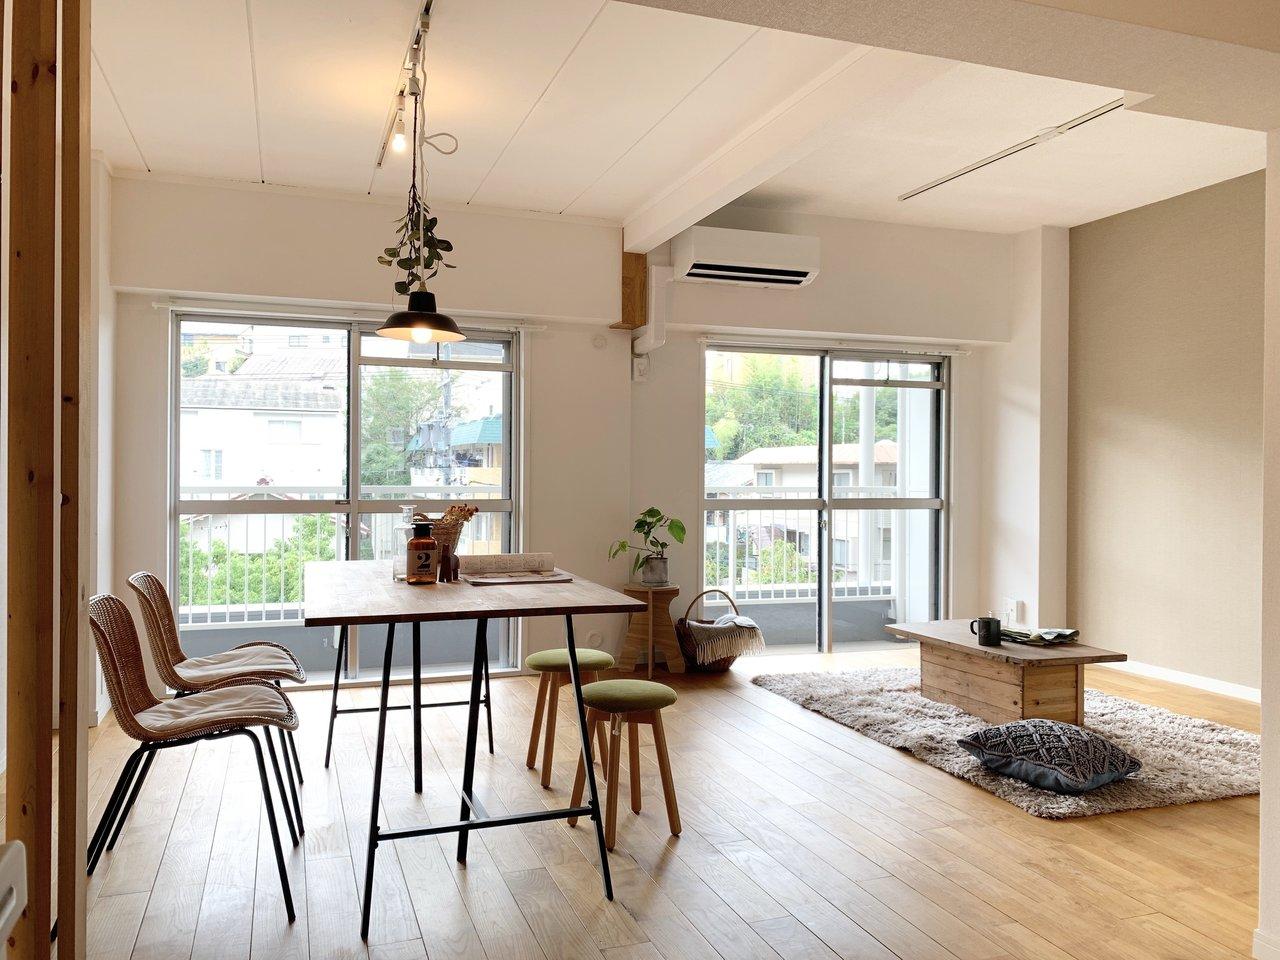 「開放感のあるリビング」で余裕のある暮らしを。名古屋・1LDK以上、広々リビングのあるお部屋まとめ